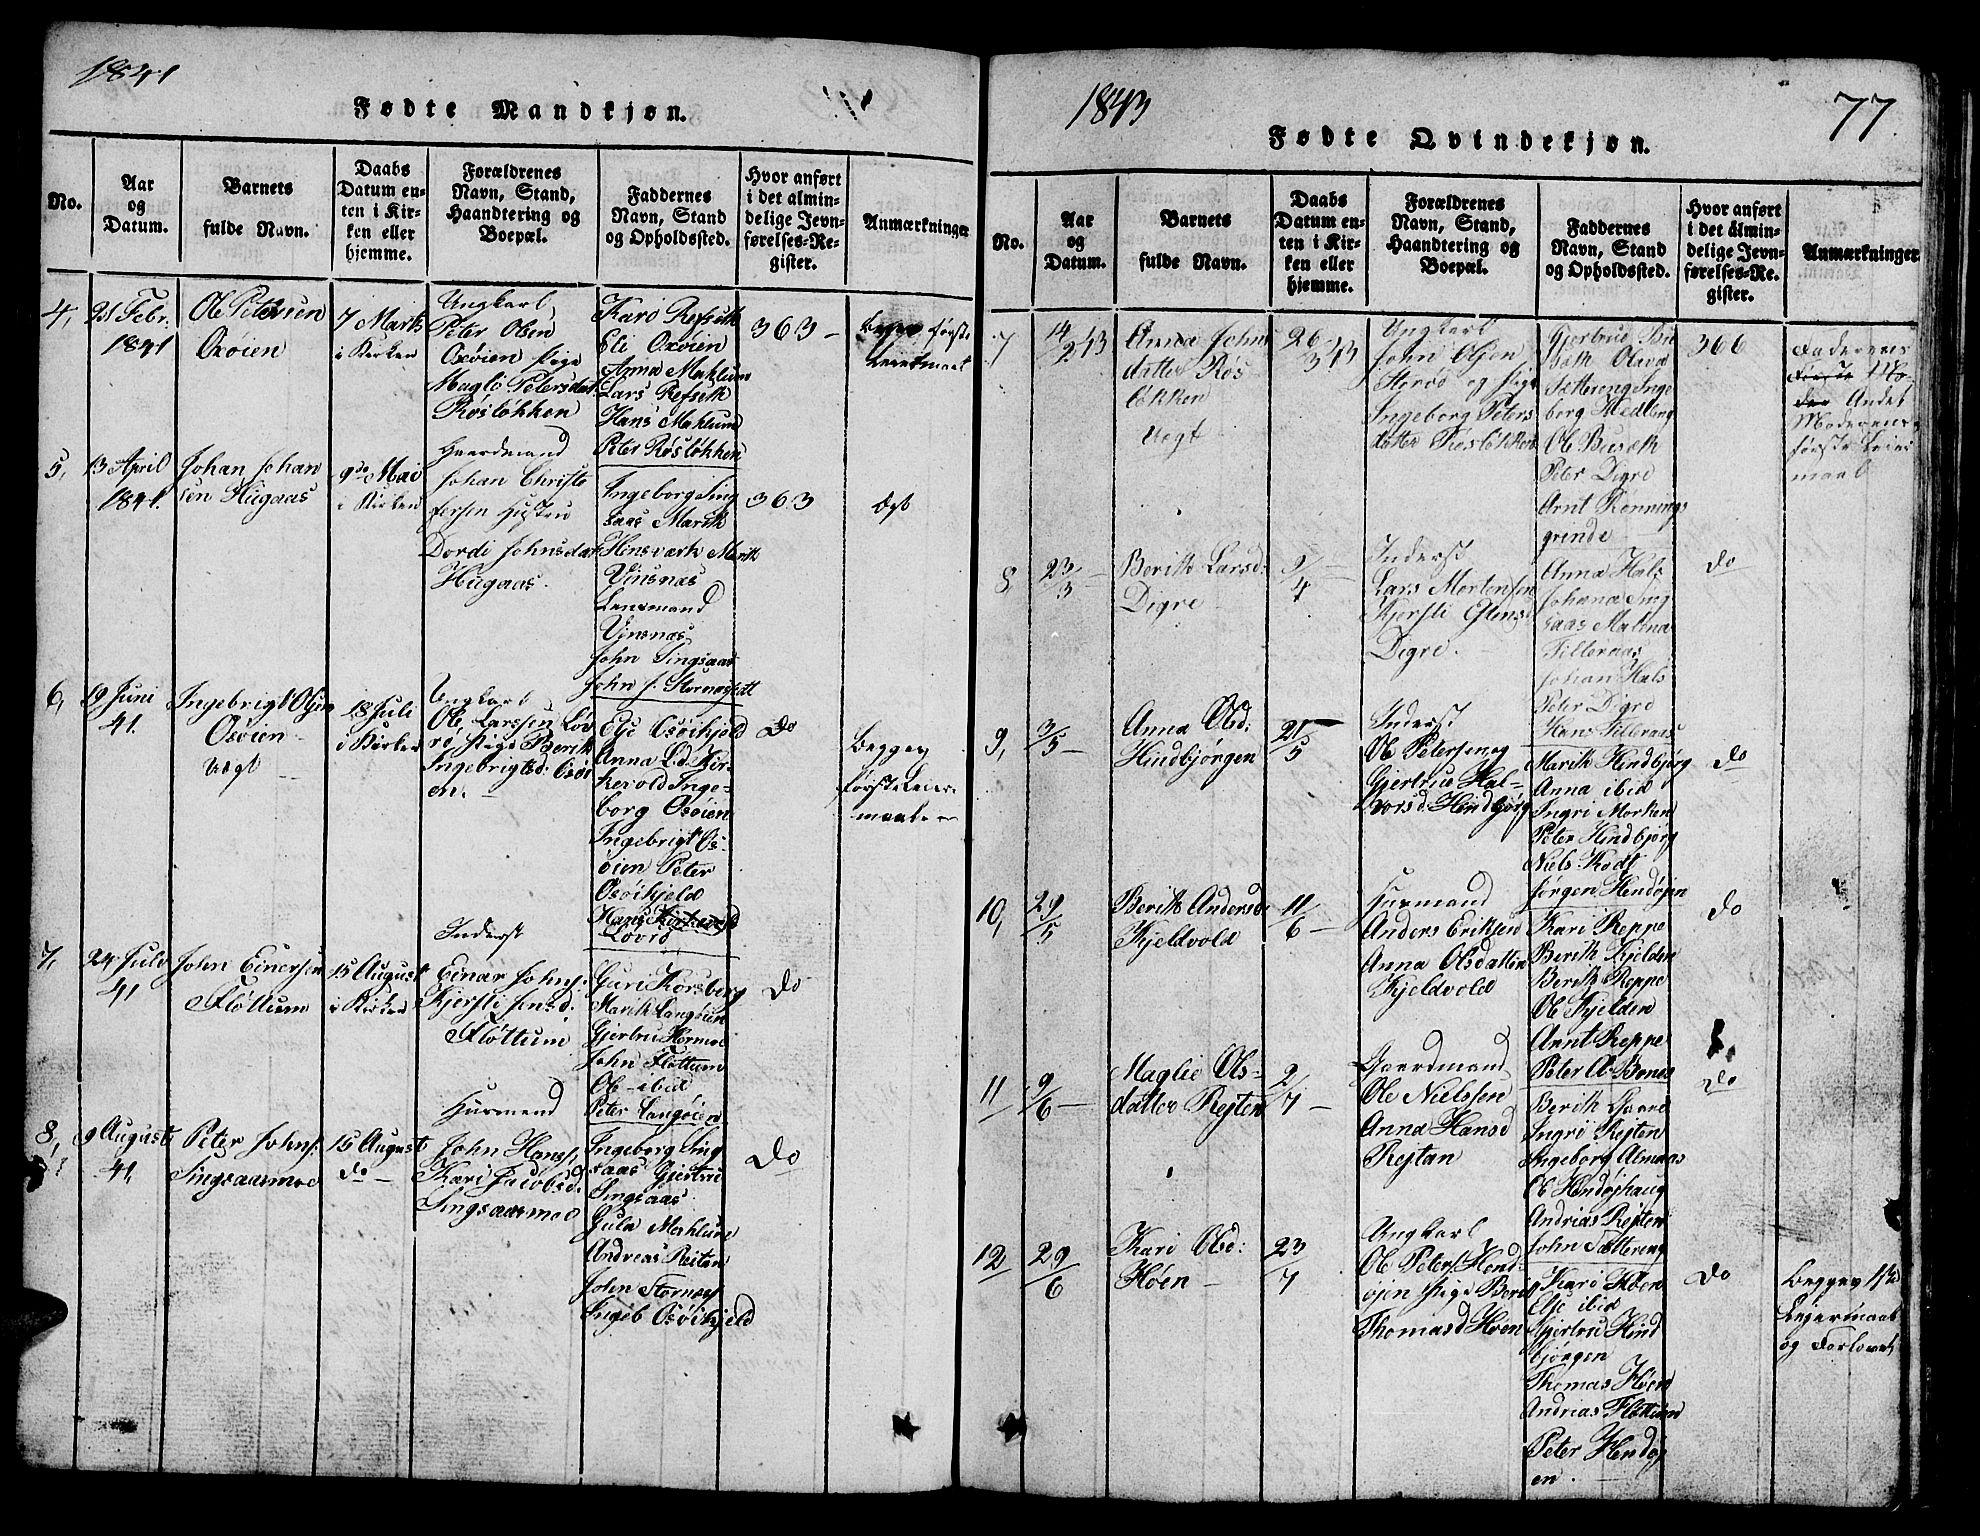 SAT, Ministerialprotokoller, klokkerbøker og fødselsregistre - Sør-Trøndelag, 688/L1026: Klokkerbok nr. 688C01, 1817-1860, s. 77